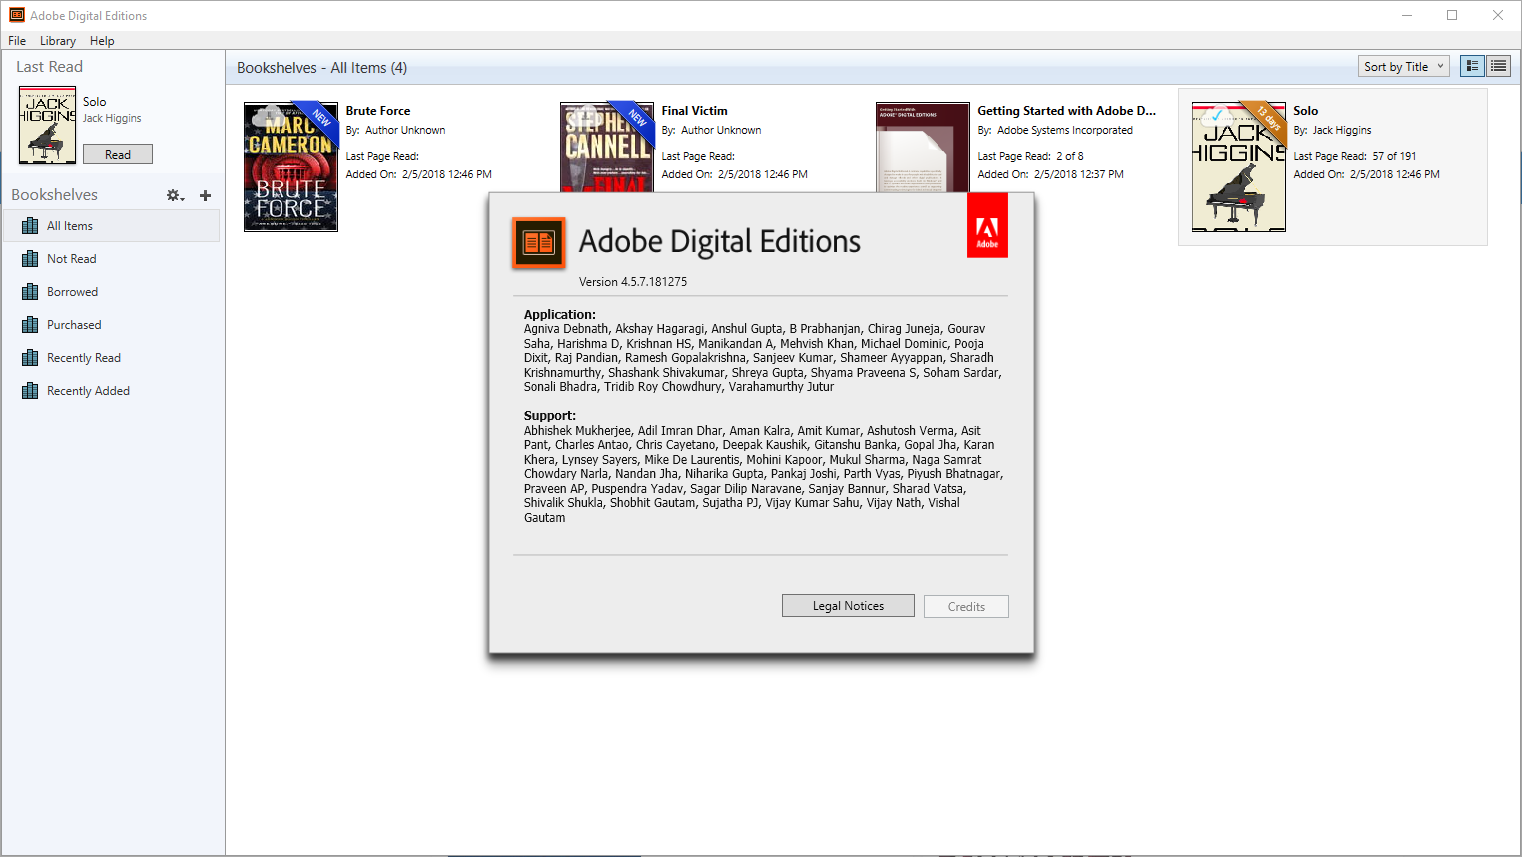 adobe digital editions 4.5 problems